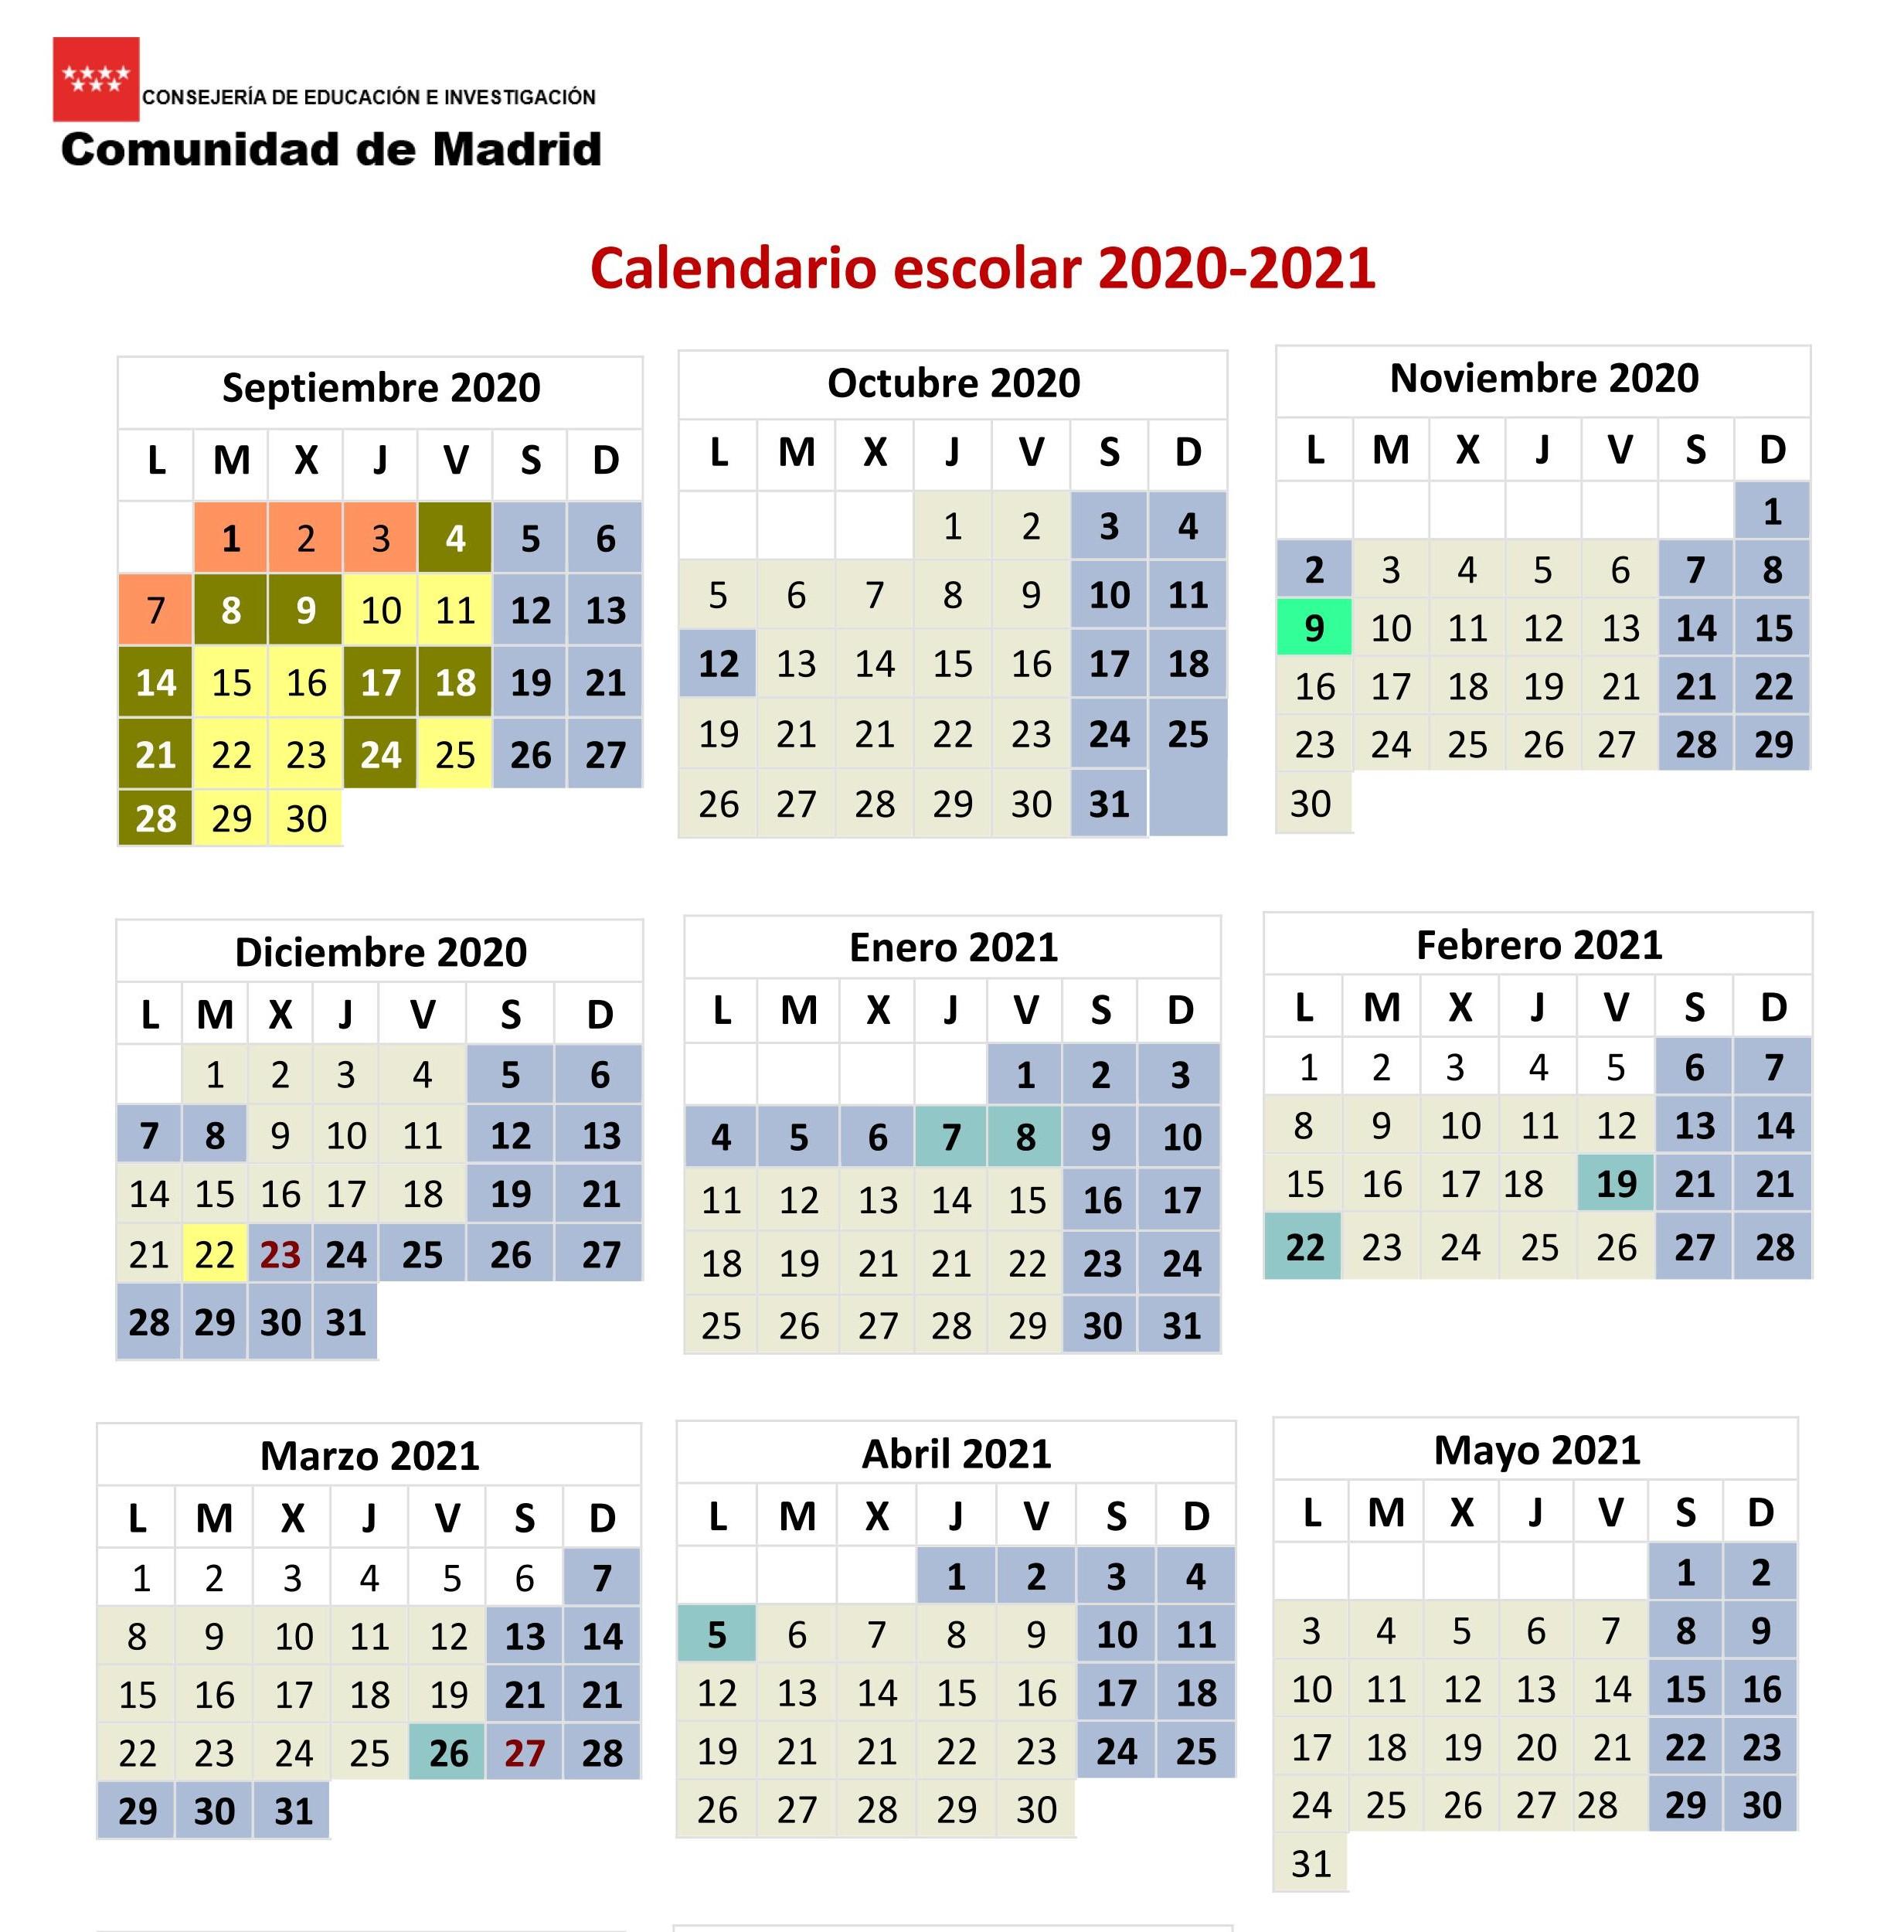 Calendario escolar